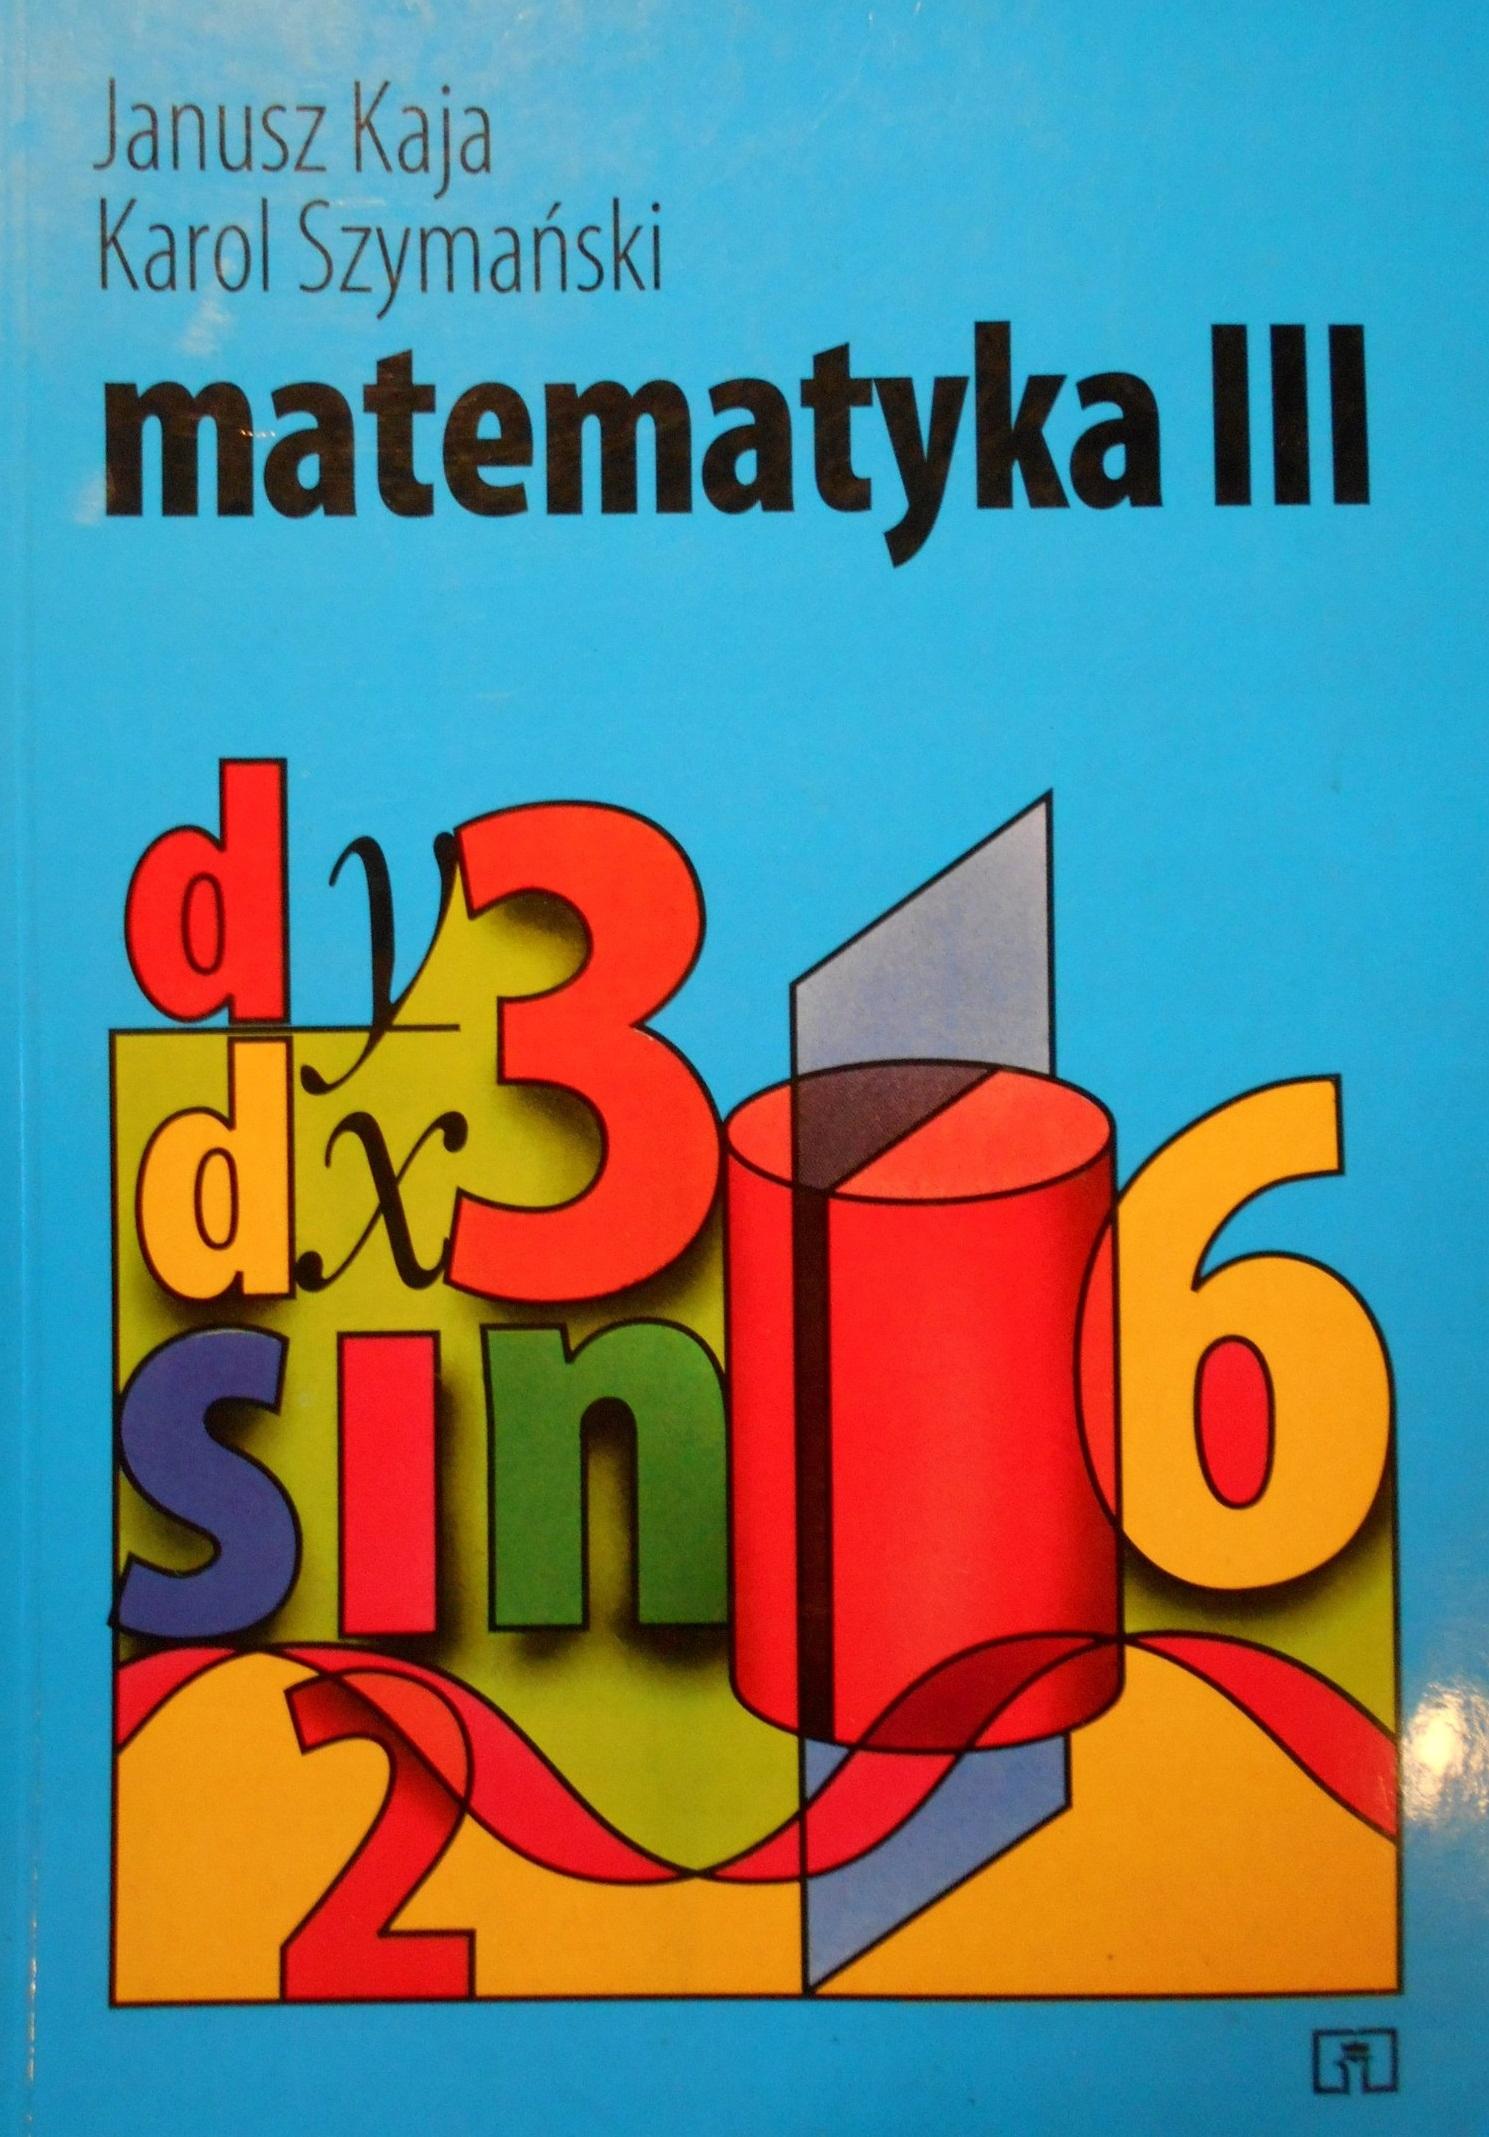 Znalezione obrazy dla zapytania Janusz Kaja Karol Szymański Matematyka 3